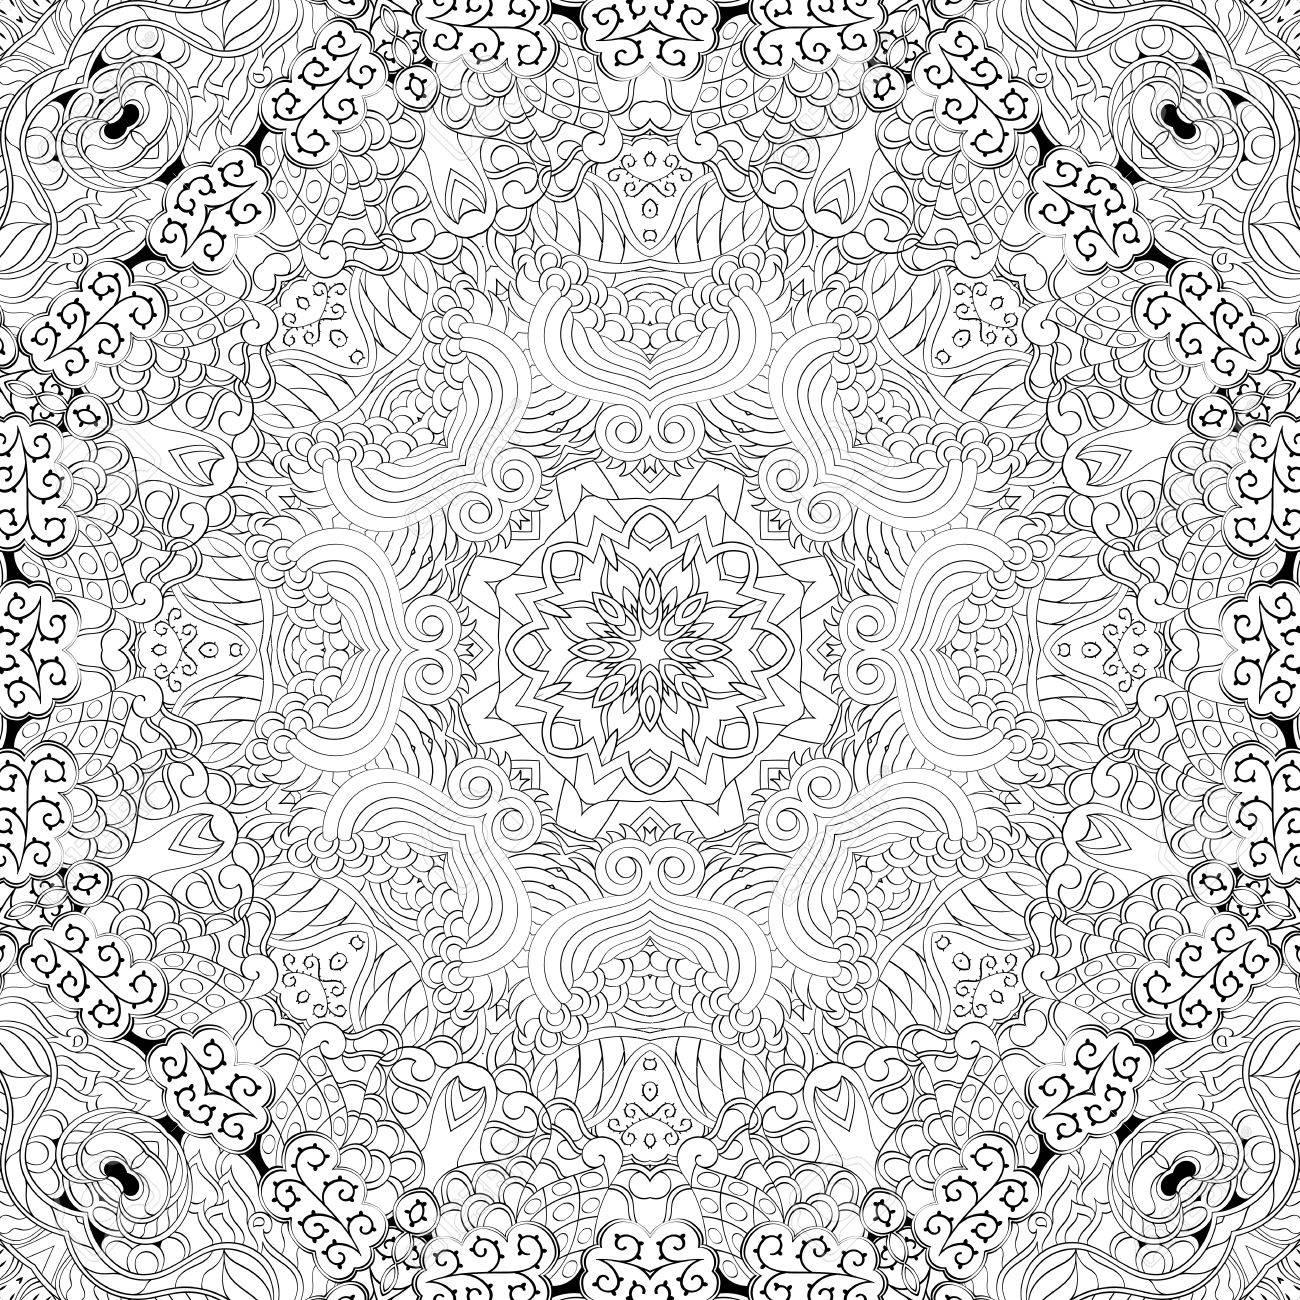 Teppich design textur  Tracery Binäres Muster. Mehendi-Teppich-Design. Gepflegte, Selbst ...